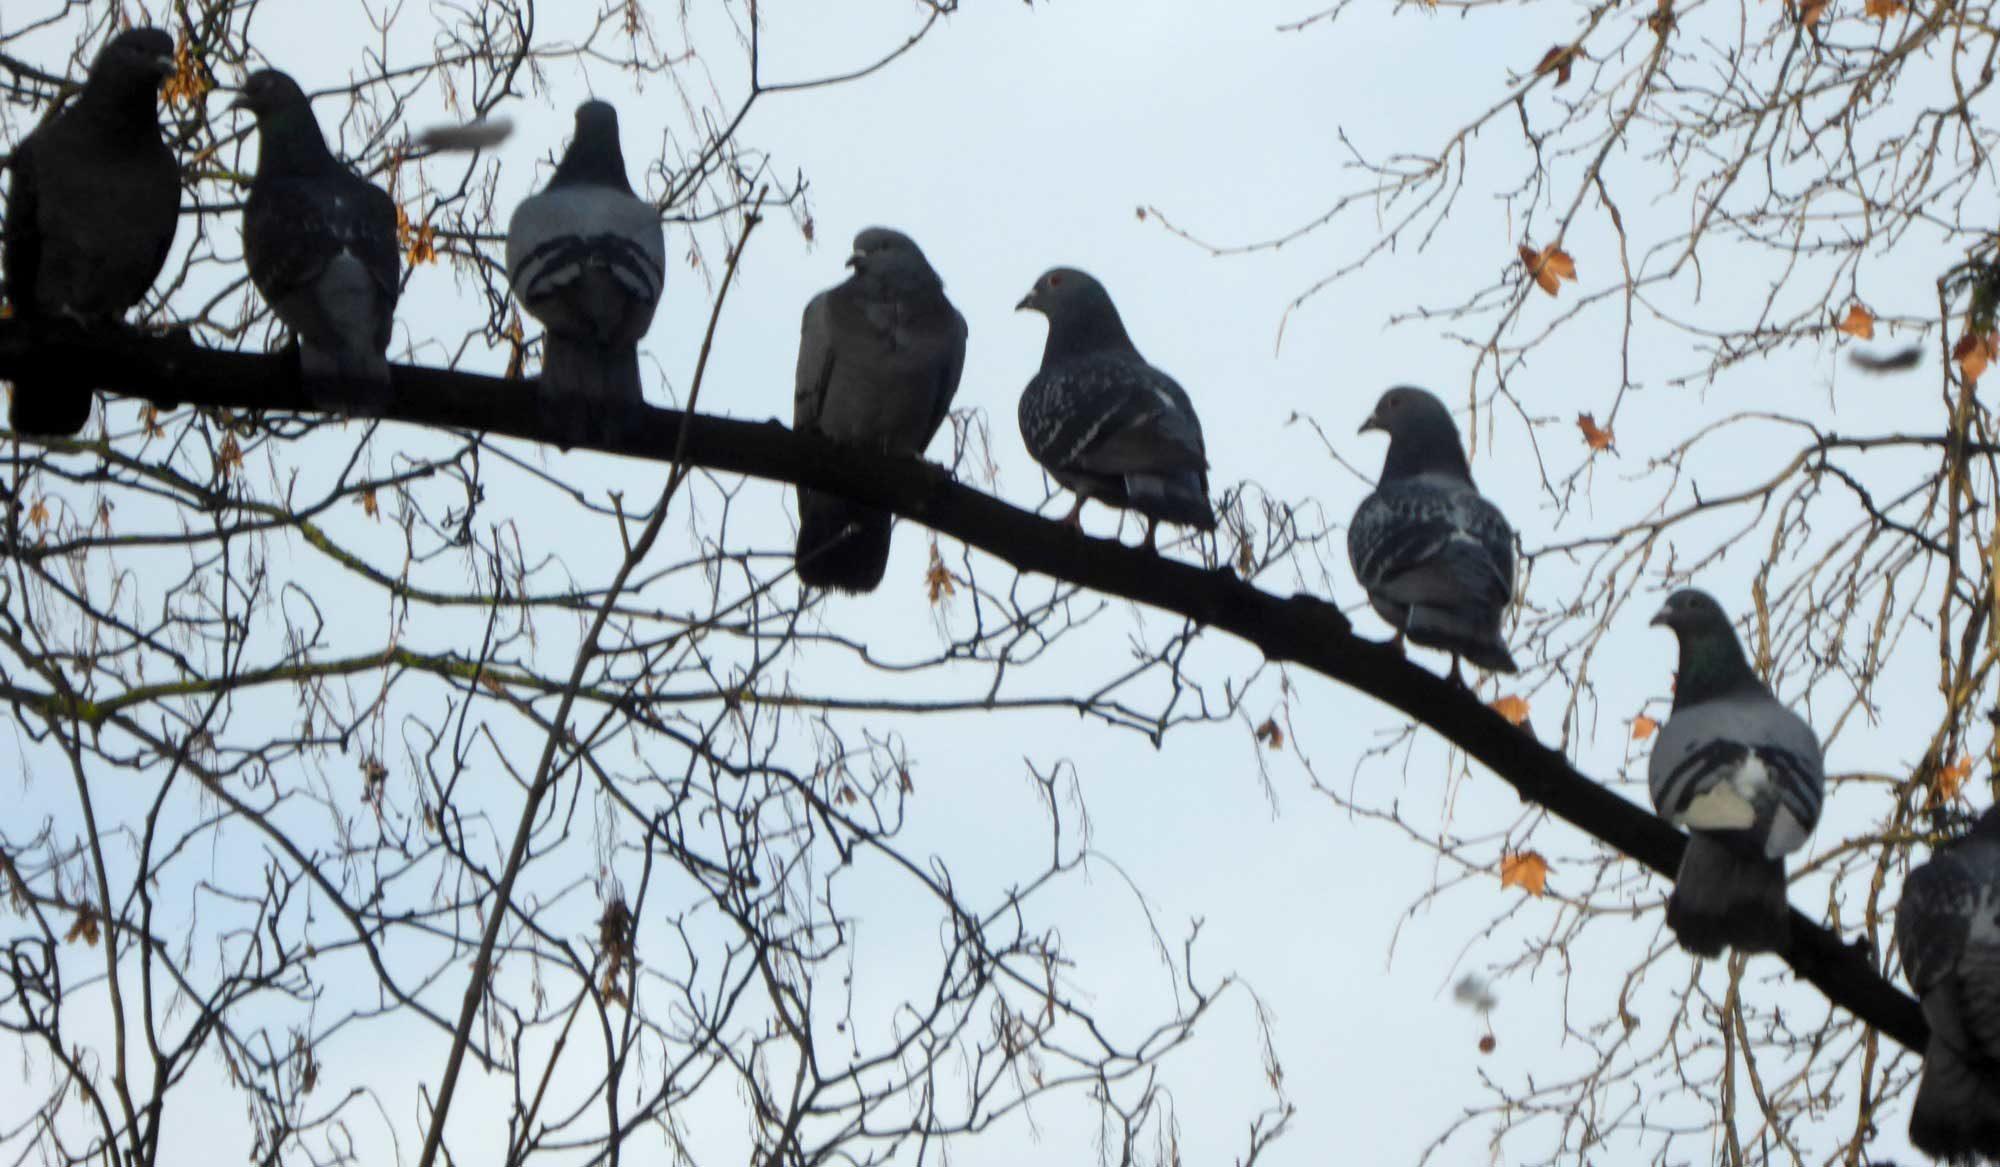 Tauben sitzen auf einem Ast